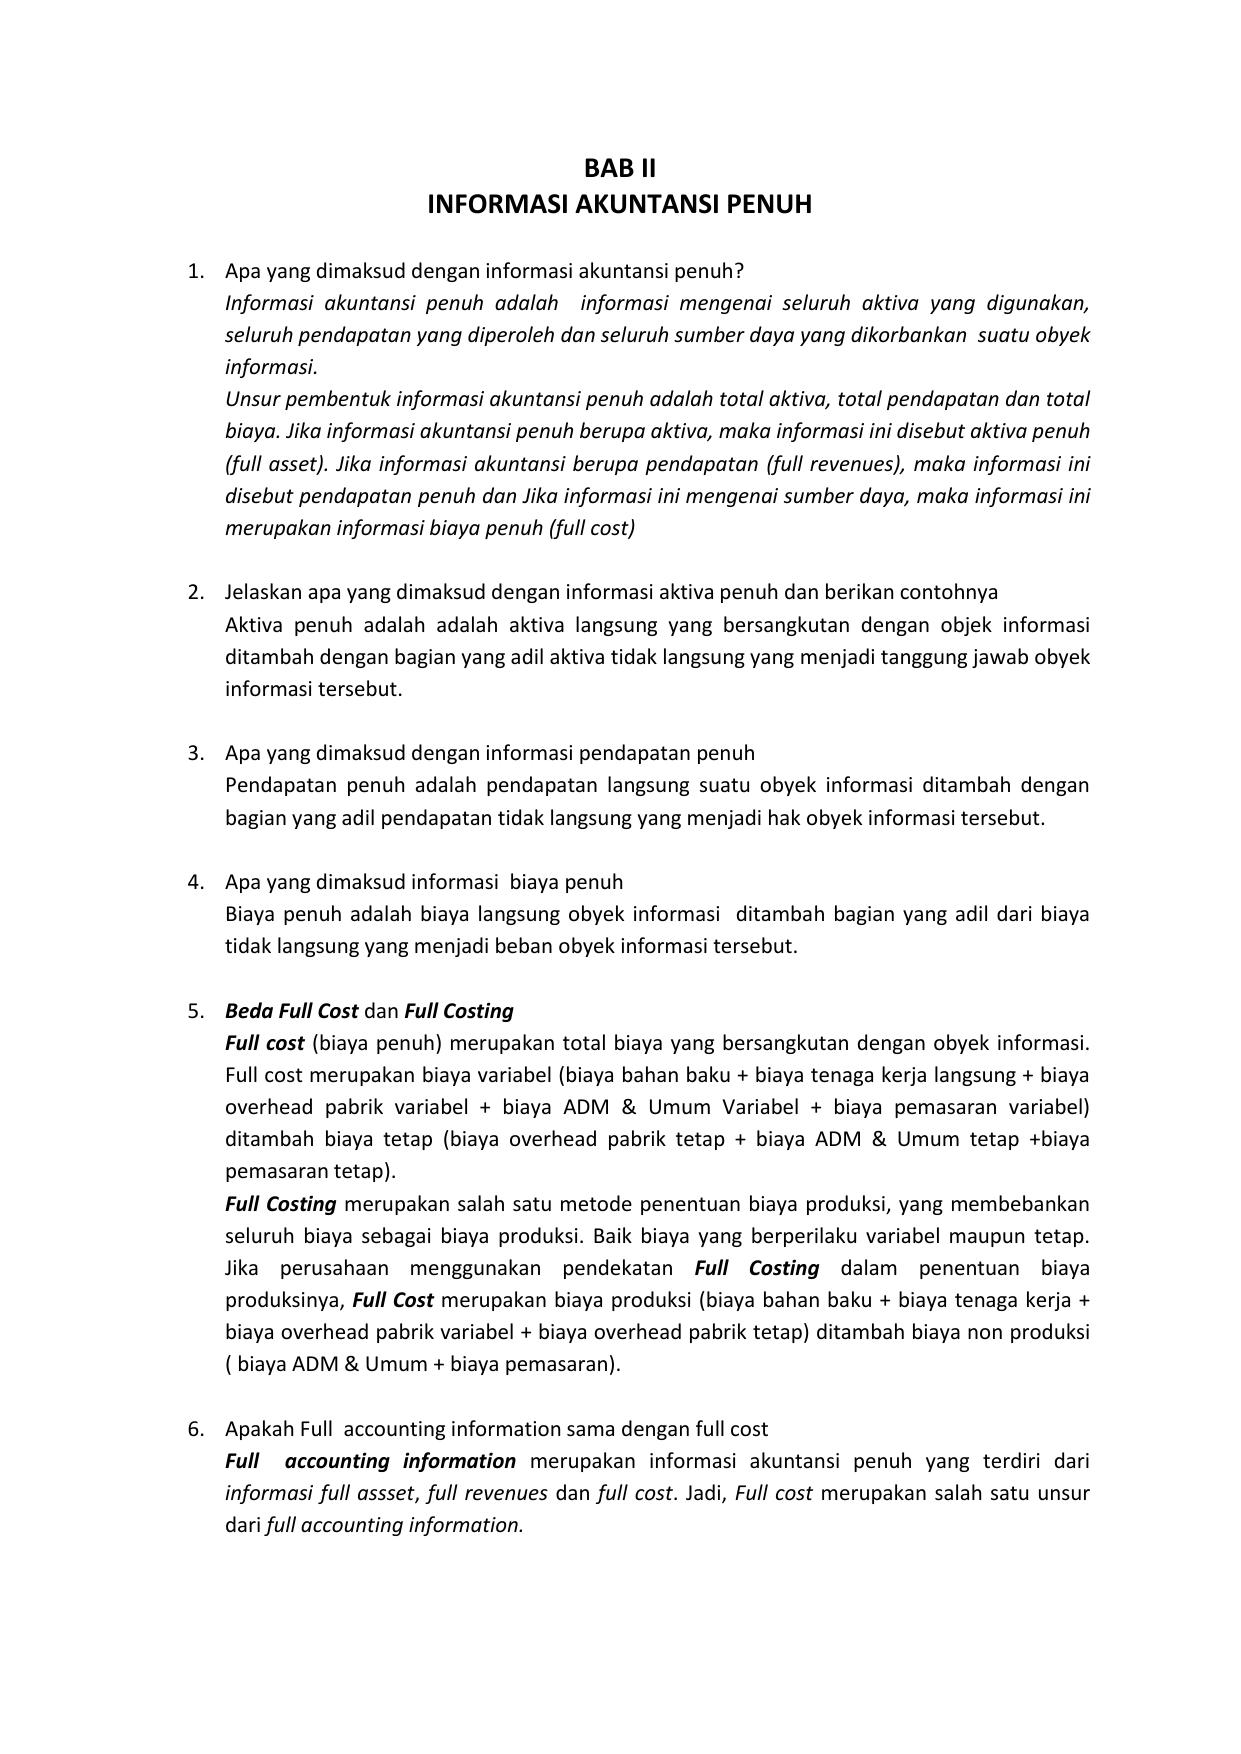 bab ii informasi akuntansi penuh - E